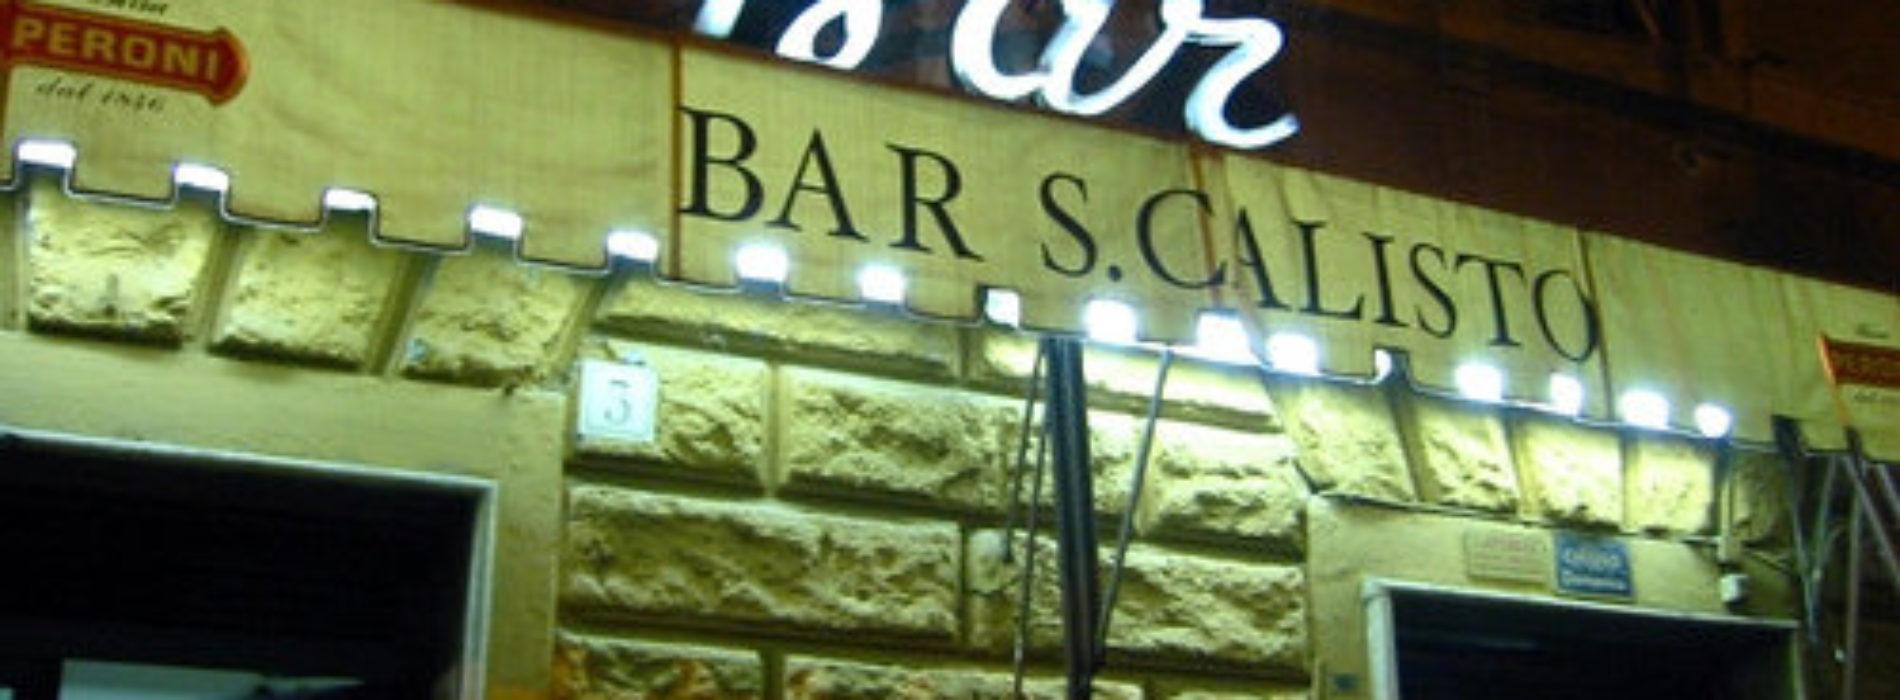 """Bar San Calisto a Roma chiuso per tre giorni """"per presenza di pregiudicati"""", sit in di protesta"""